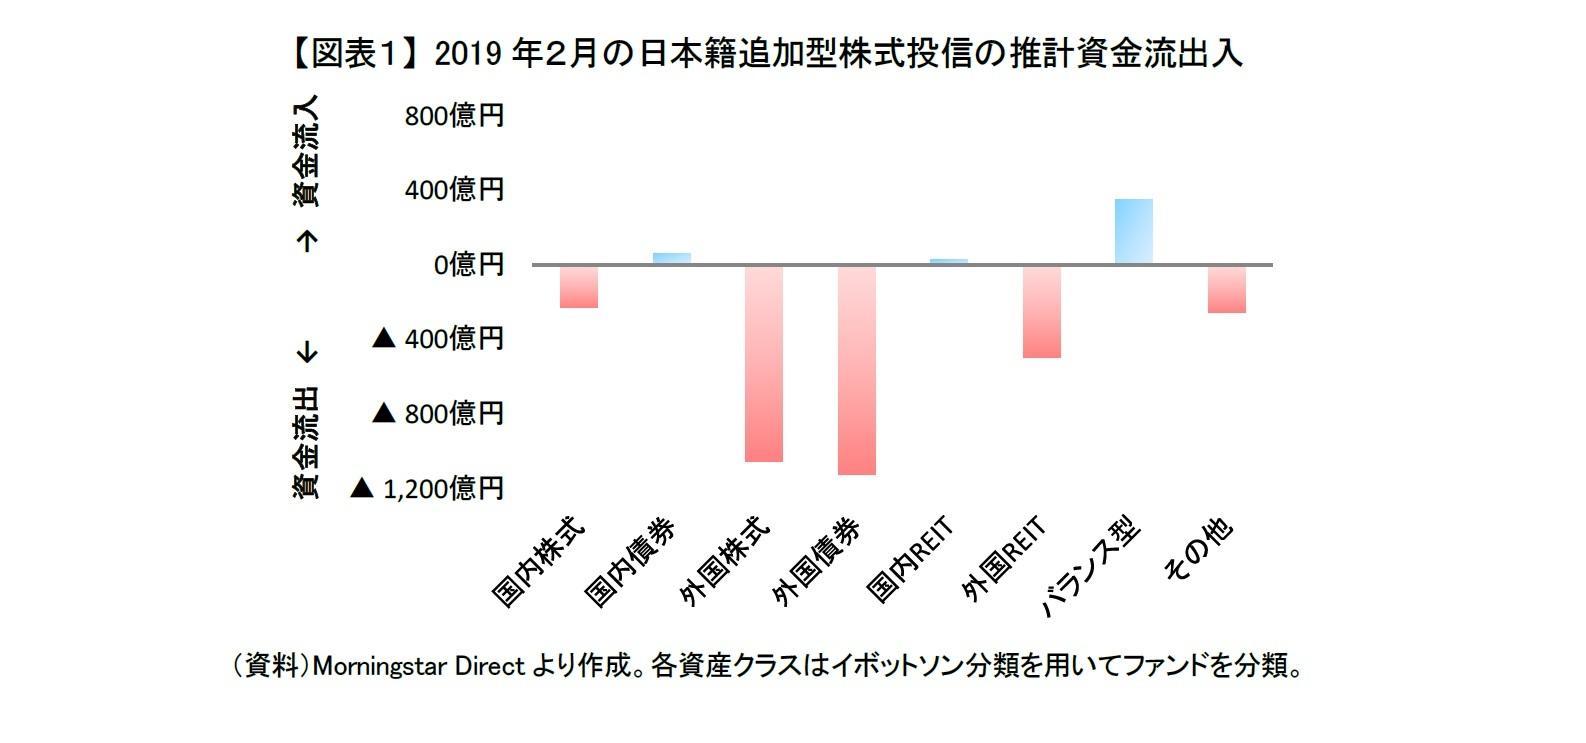 【図表1】 2019年2月の日本籍追加型株式投信の推計資金流出入